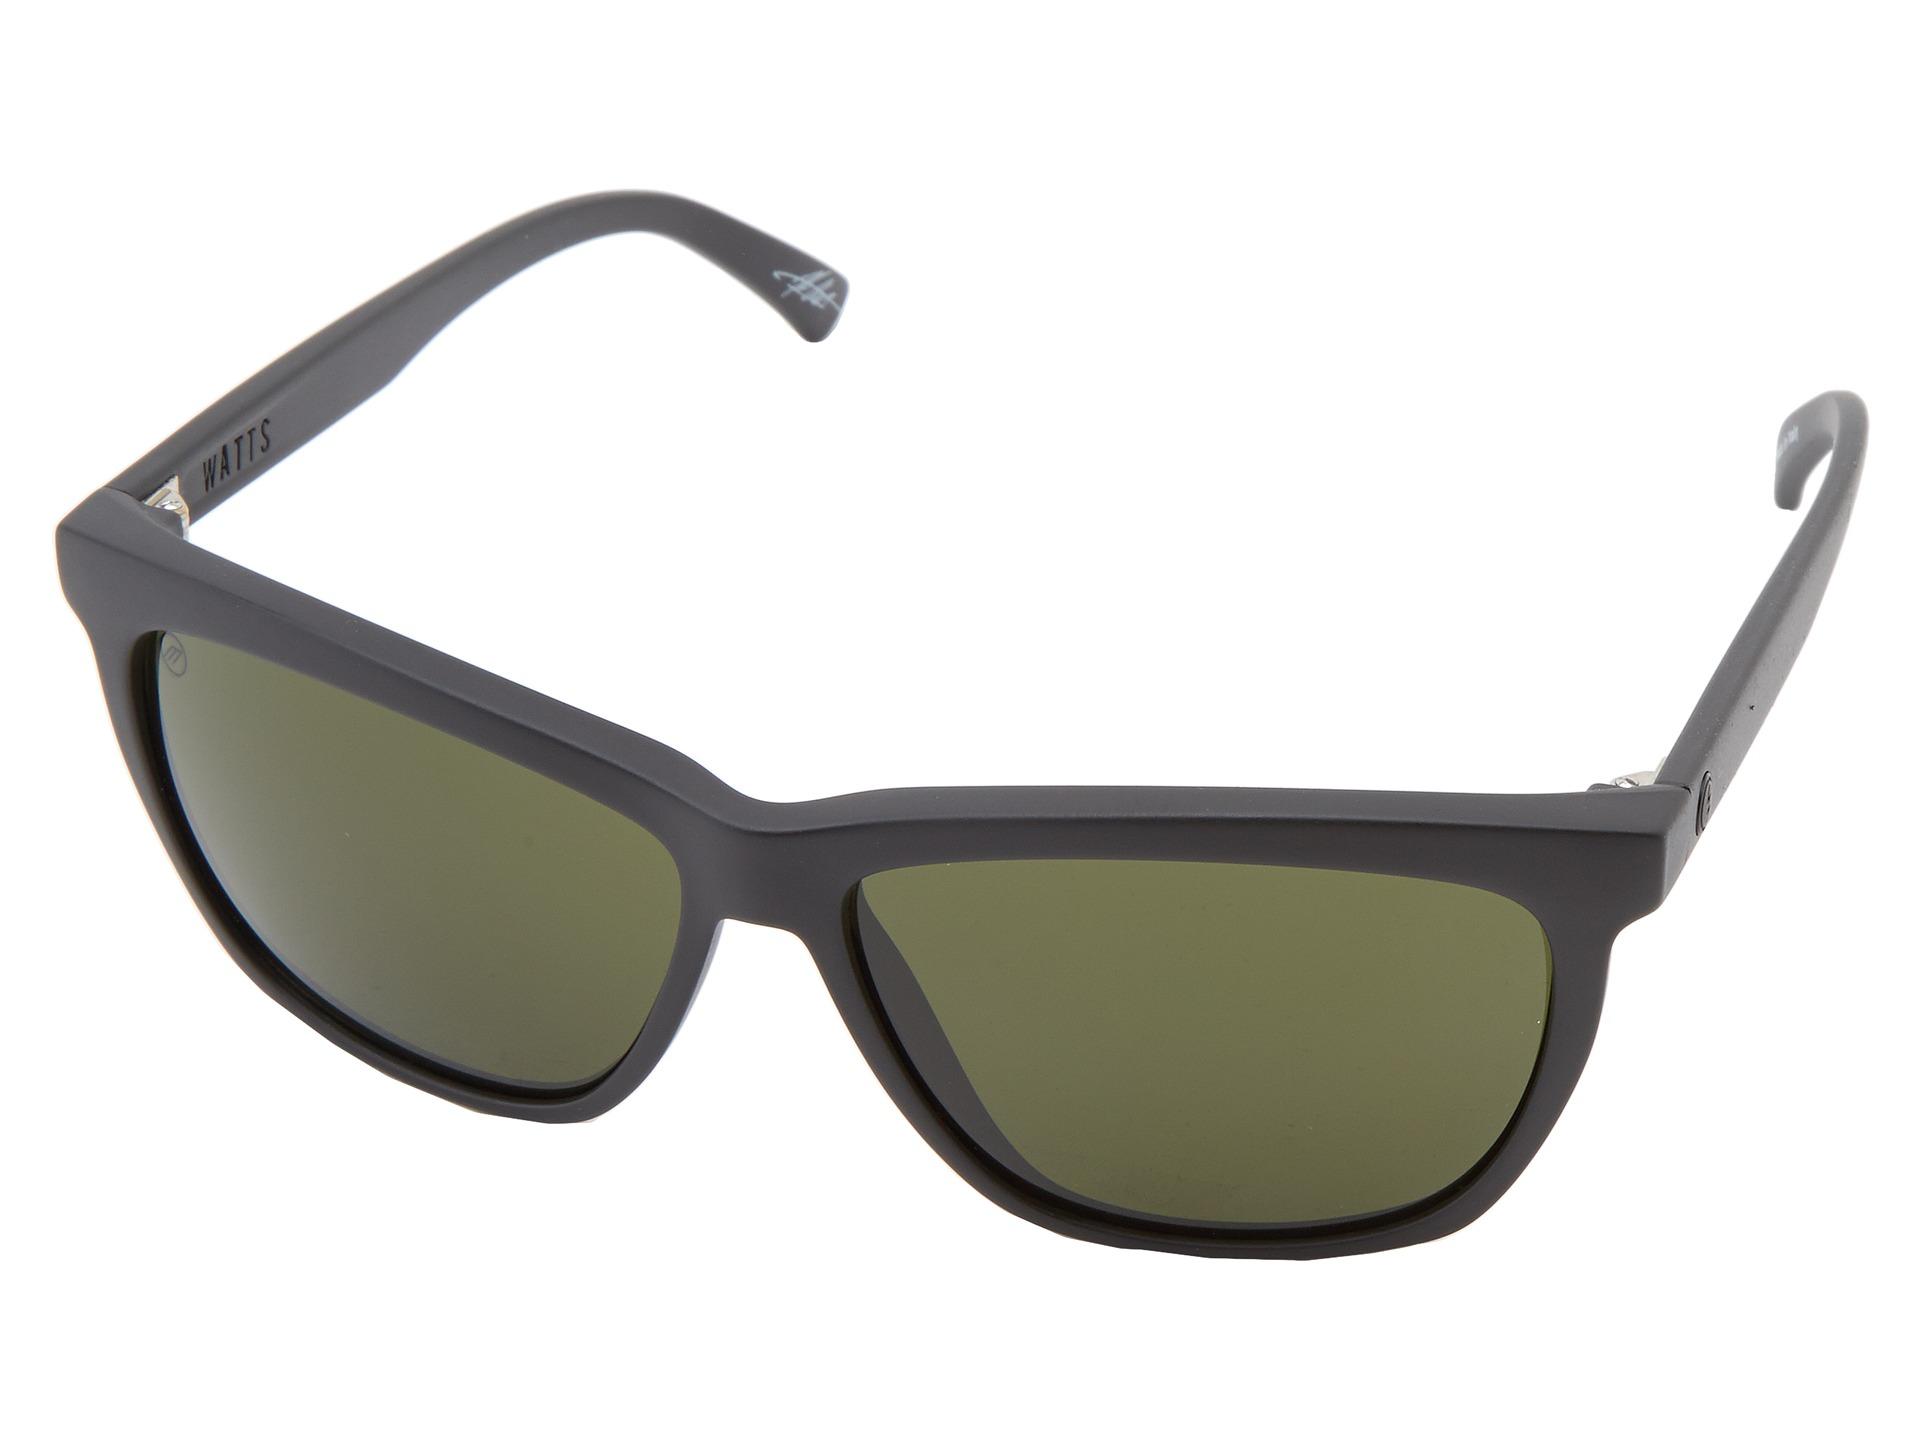 electric eyewear watts zappos free shipping both ways